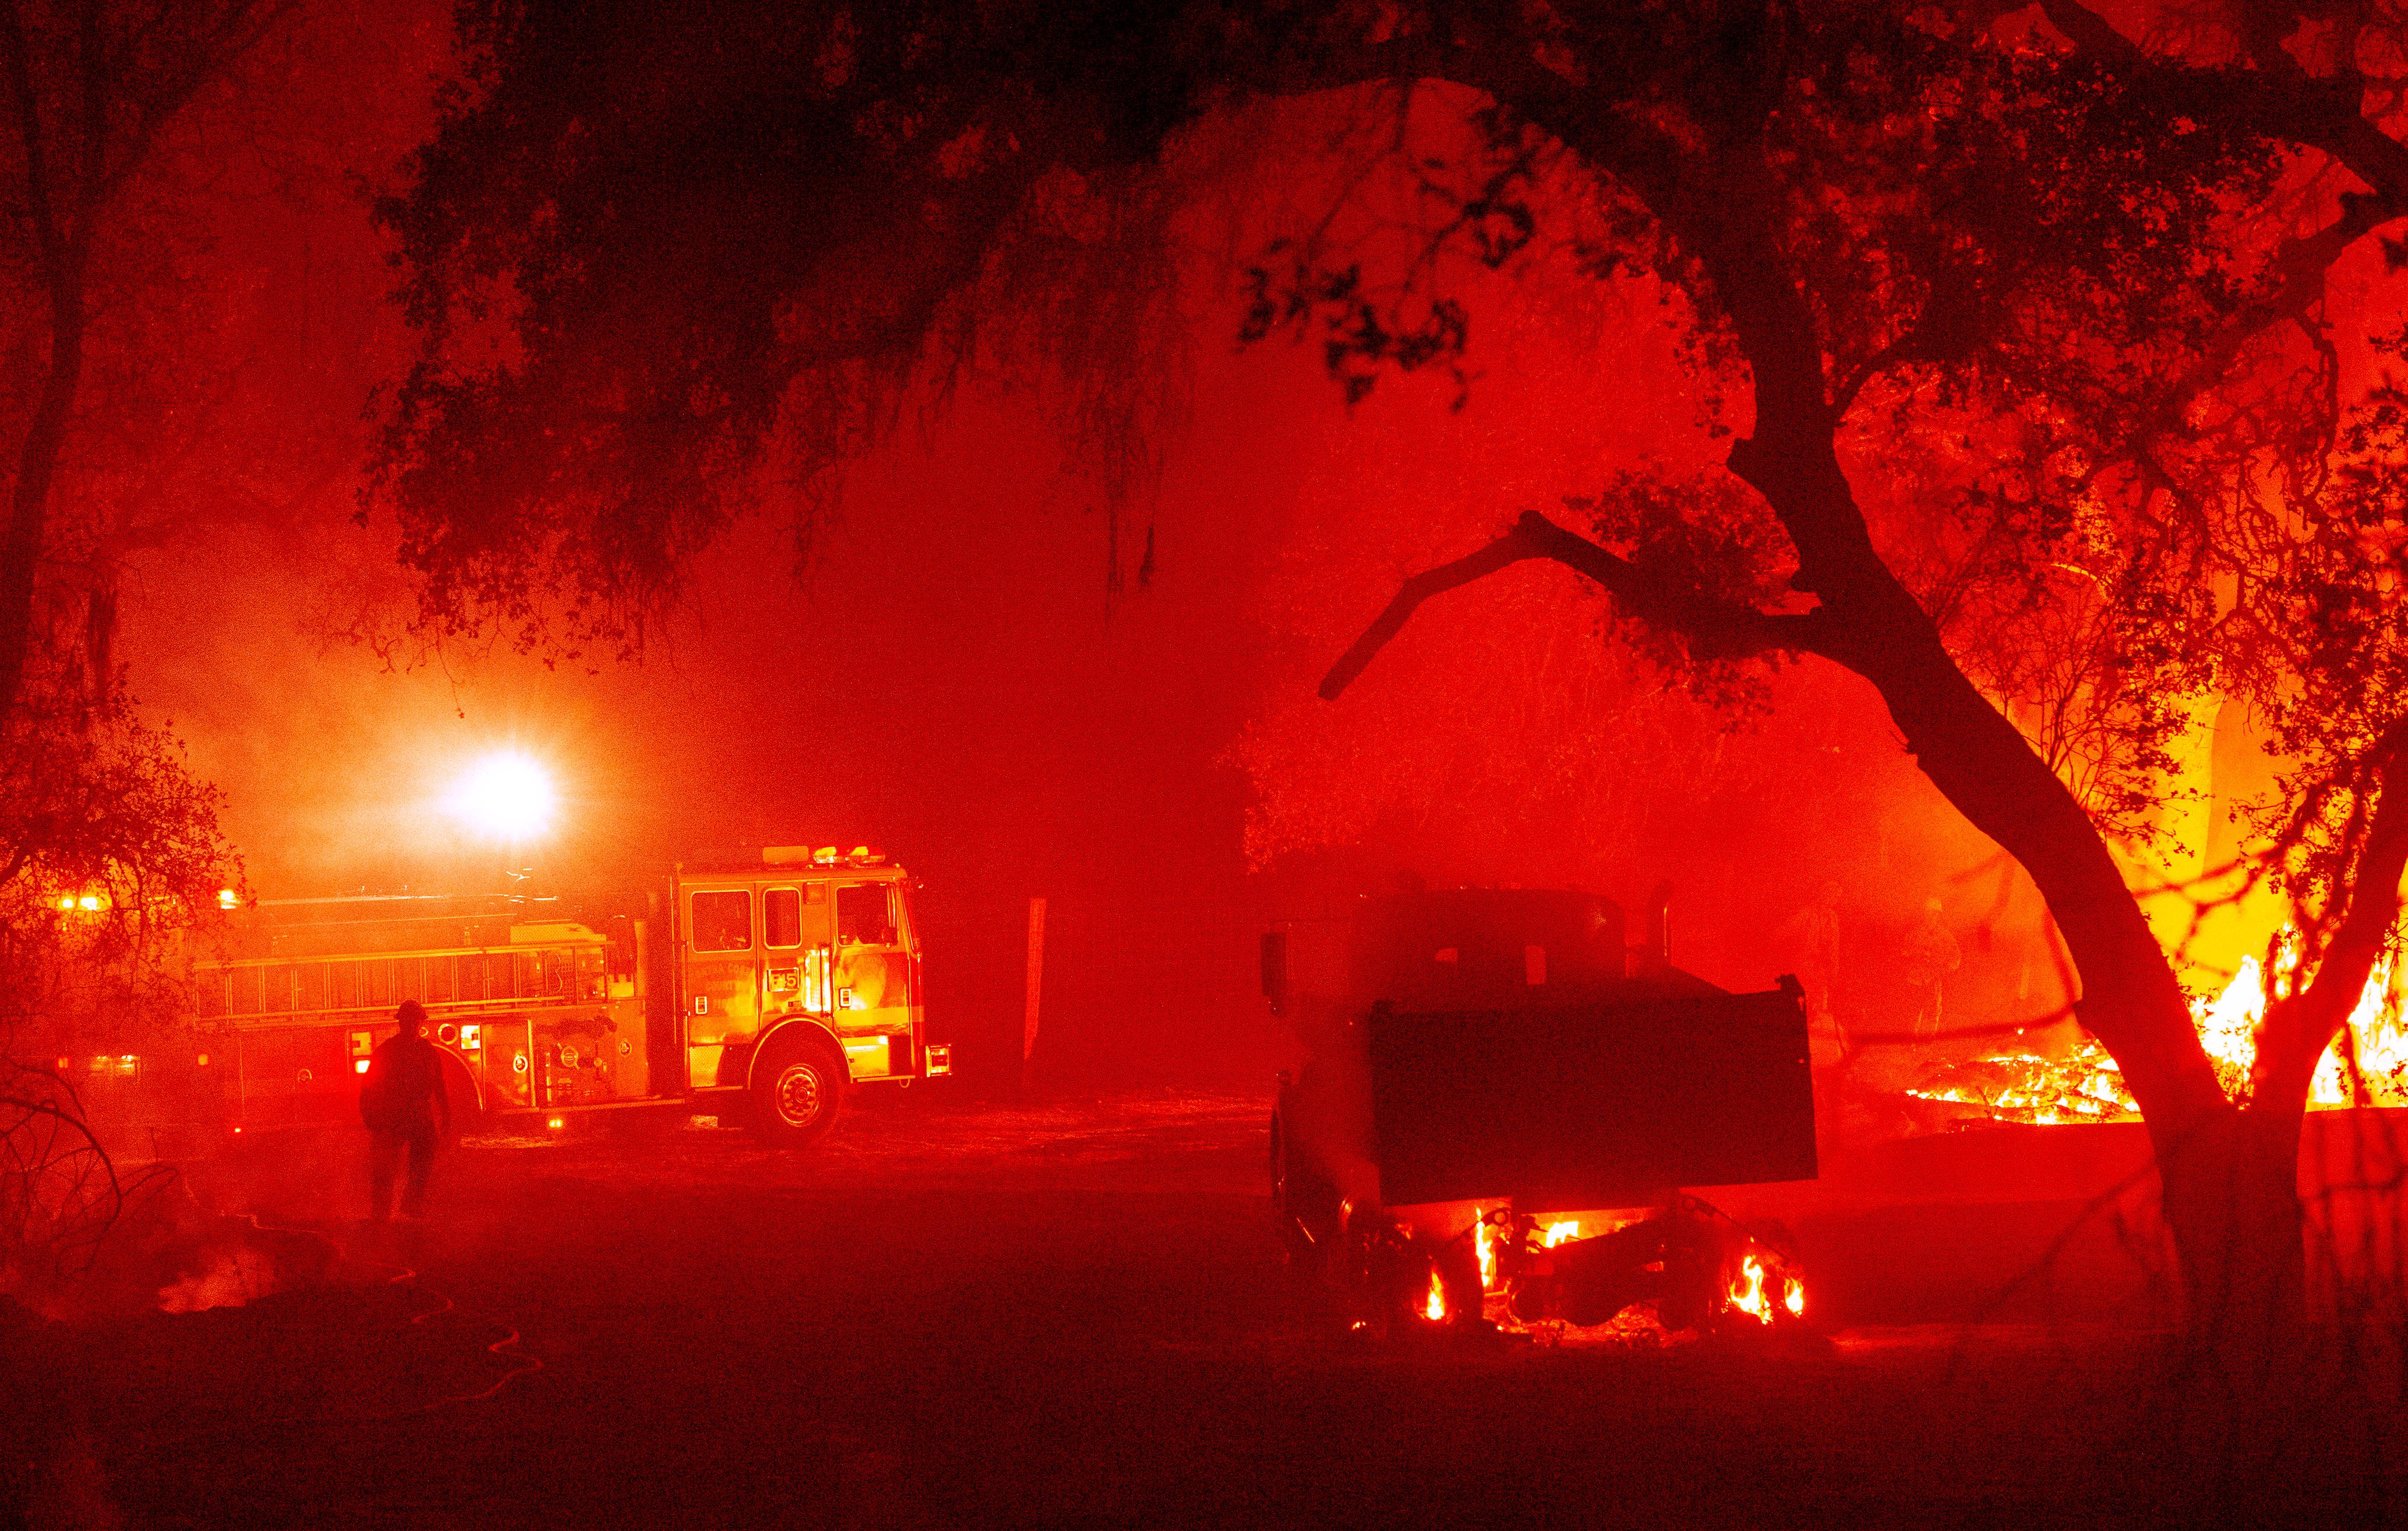 Minden idők legpusztítóbb erdőtűz-hulláma söpört végig Kalifornián idén